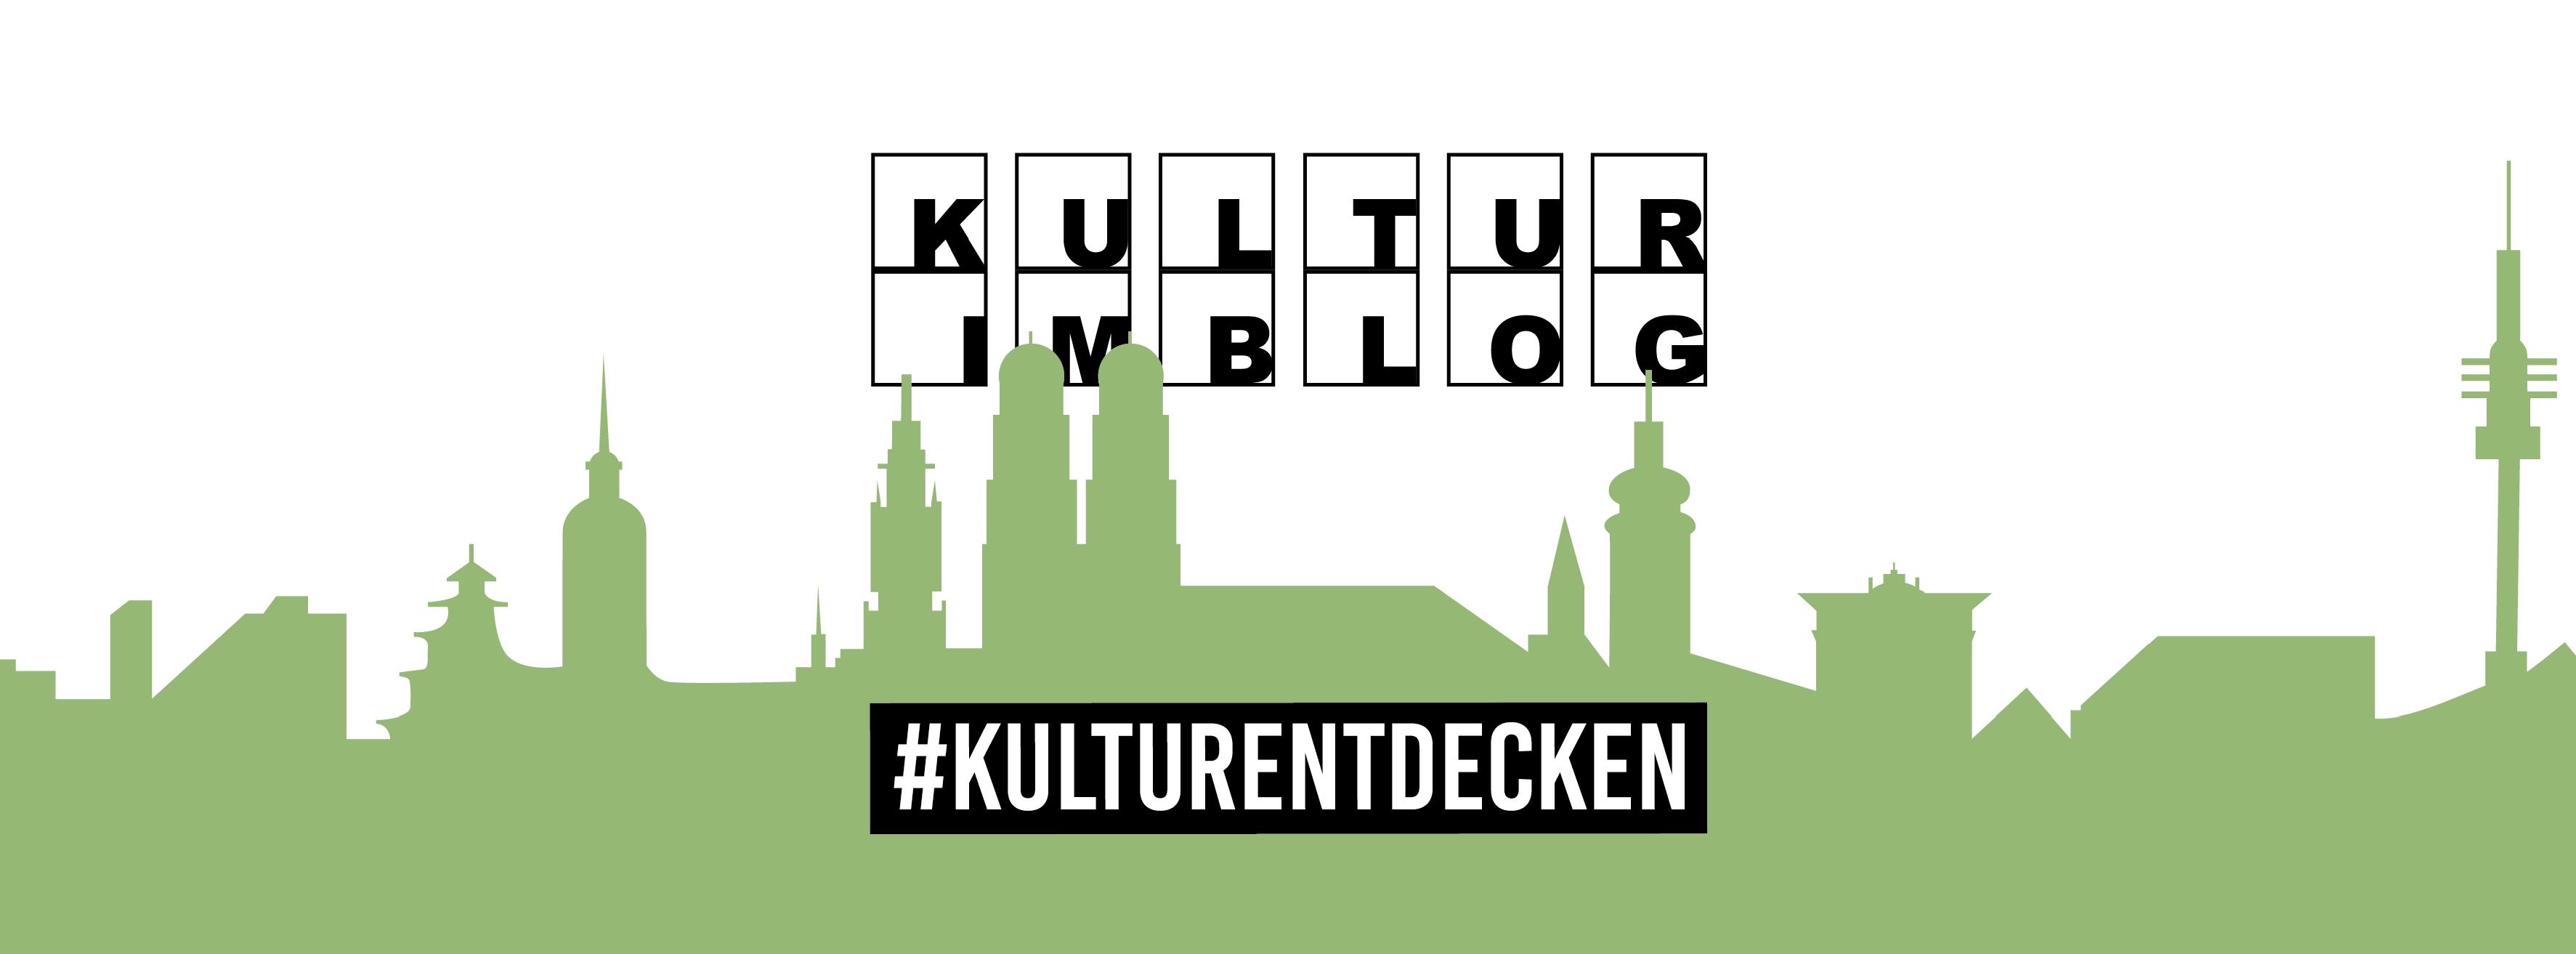 News aus der Münchner Kulturszene